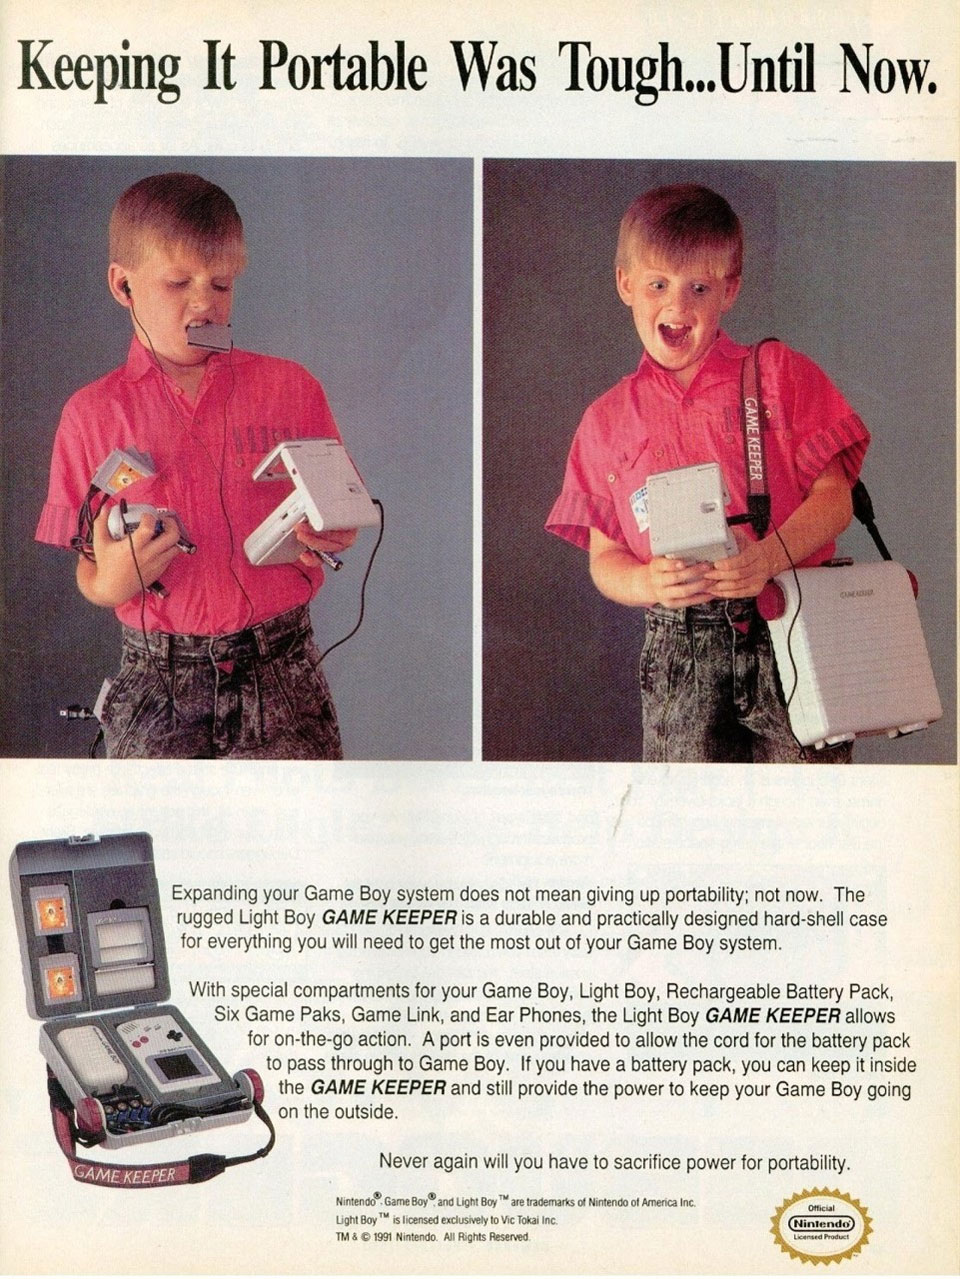 Цены на популярную электронику прошлого в сегодняшних деньгах: 1990-е годы - 25